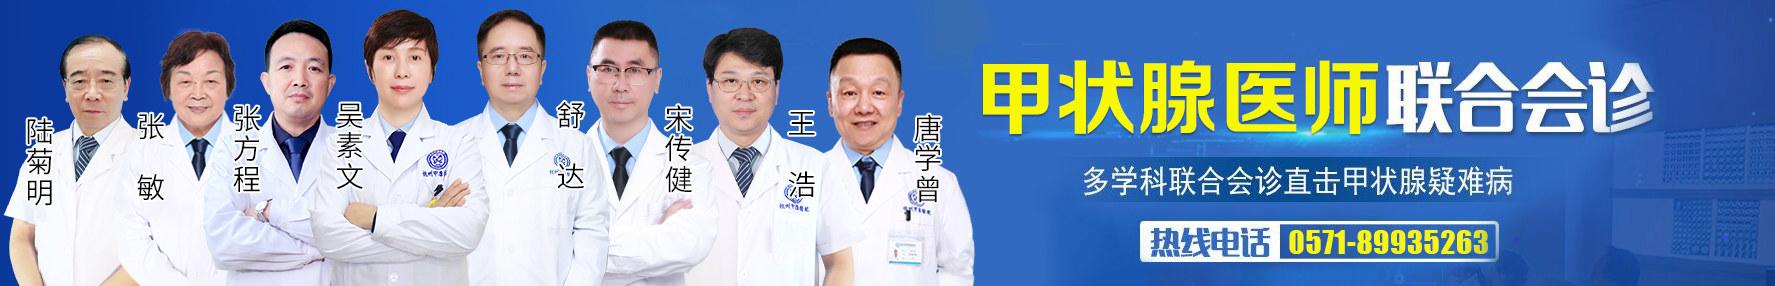 杭州甲康医院